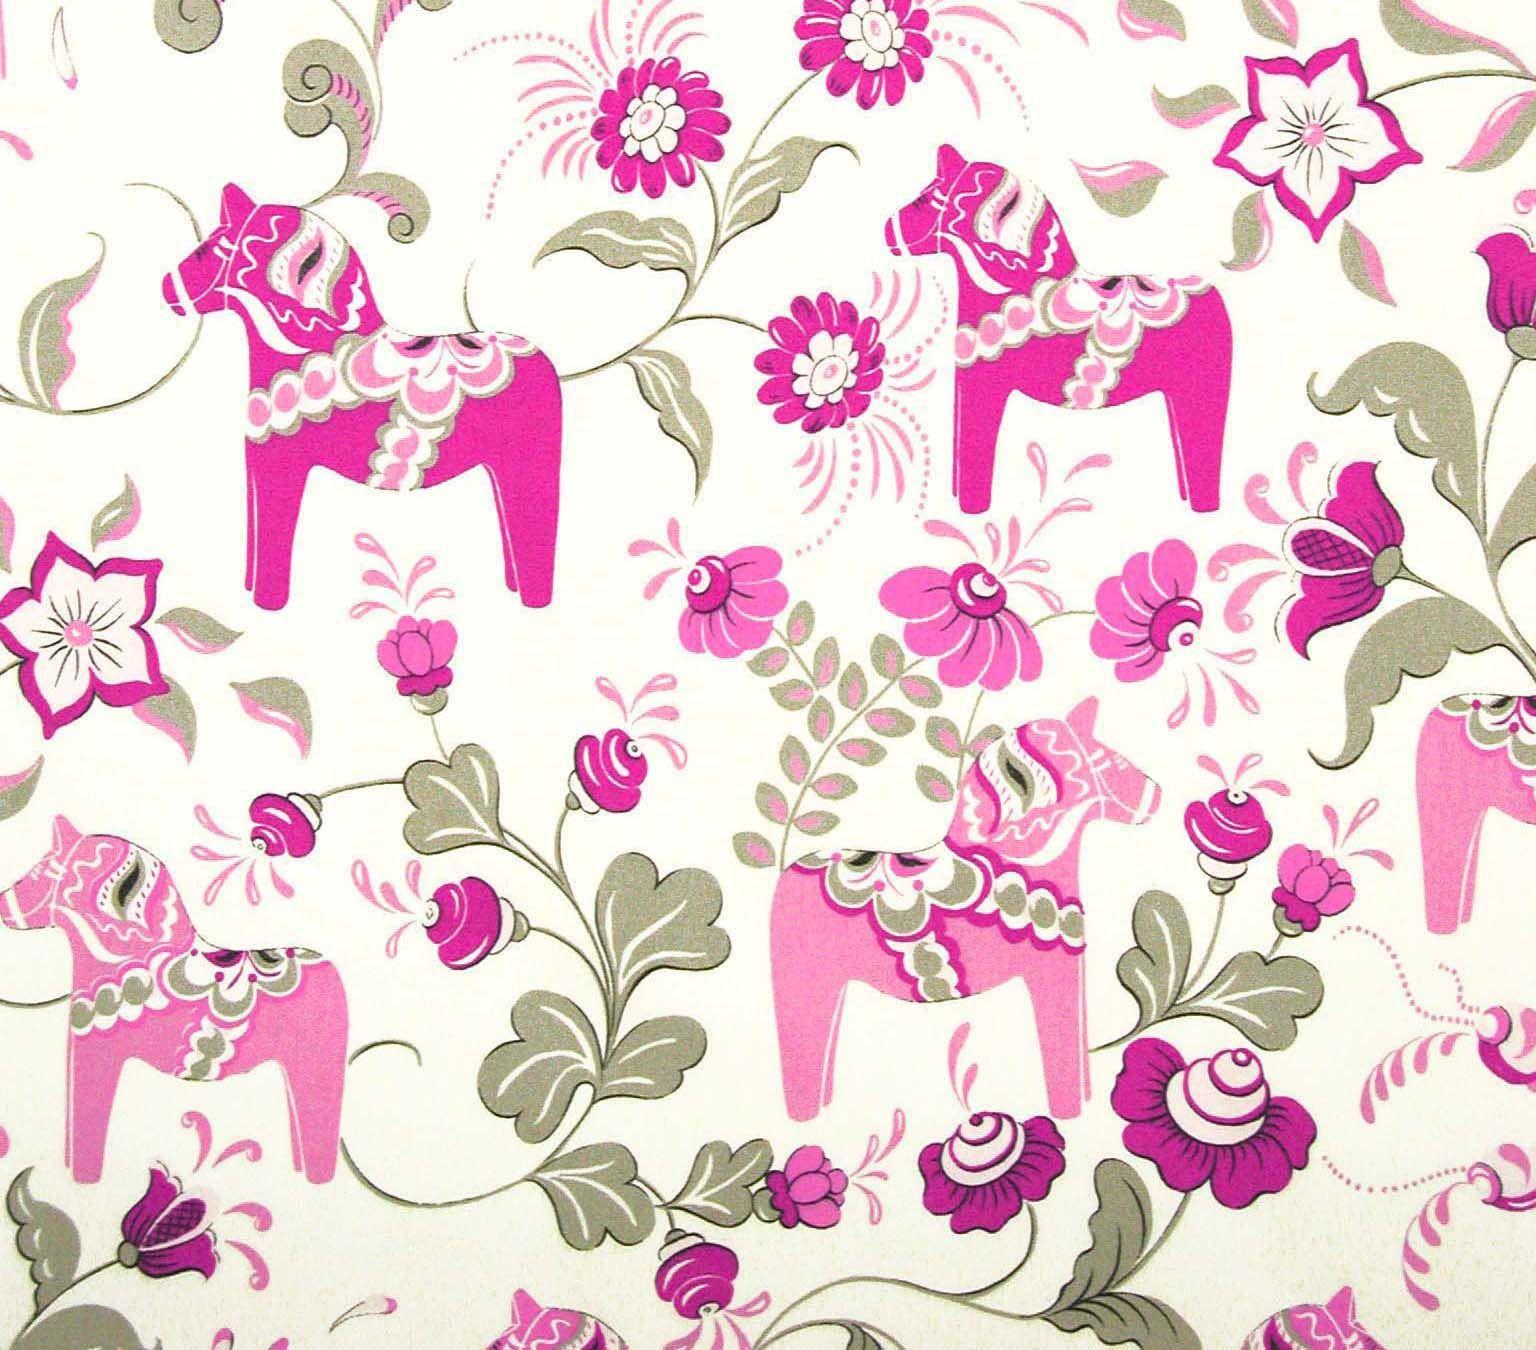 Fantastic Wallpaper Horse Pink - ac65d67dd15cf65650cc2cf4e2837b5f  You Should Have_644976.jpg